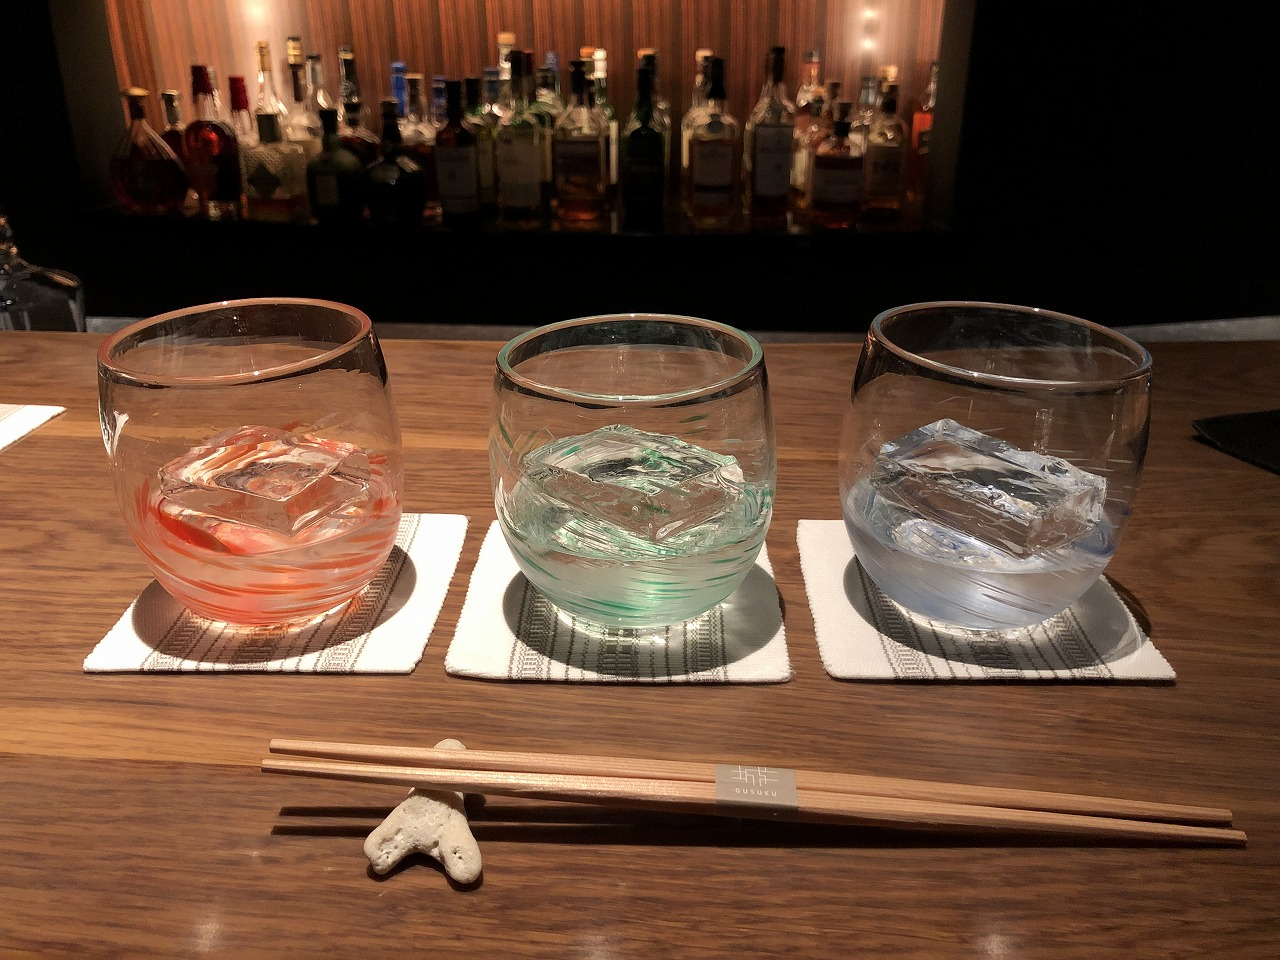 リッツカールトン沖縄のバーの泡盛3種飲み比べ1